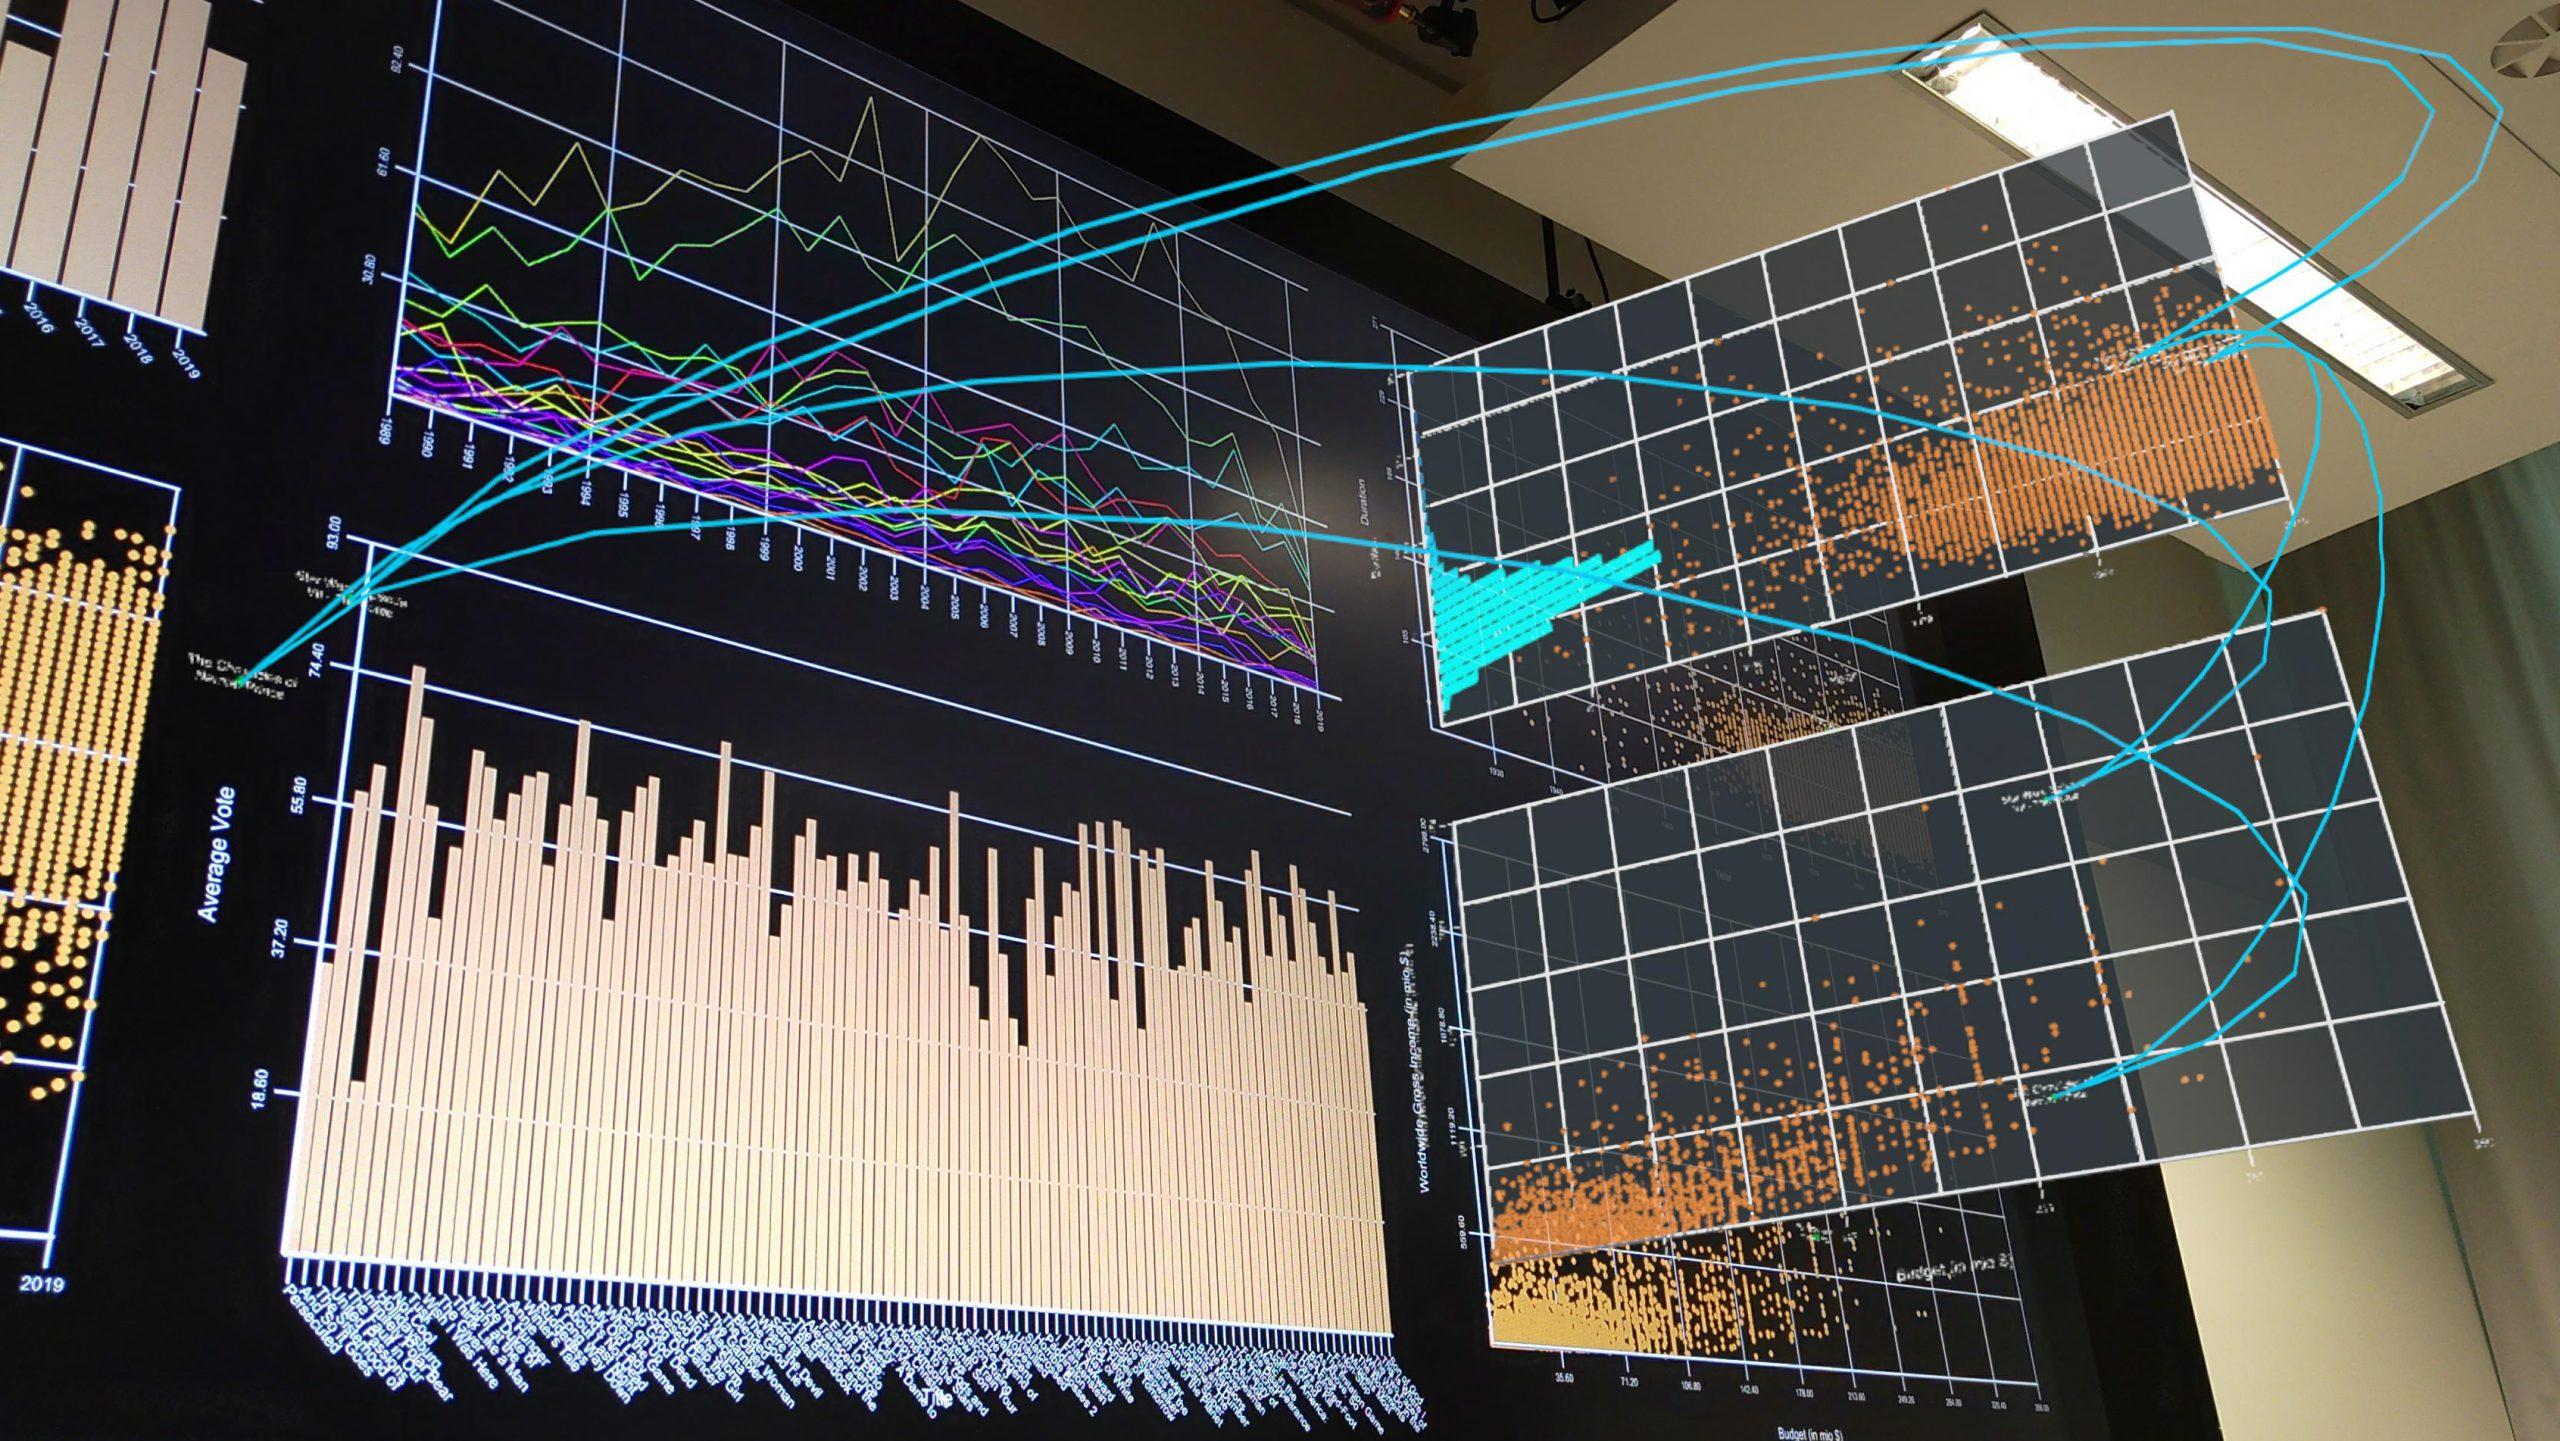 Vorschau für das Forschungsprojekt: Personal Augmented Reality for Information Visualization on Large Interactive Displays